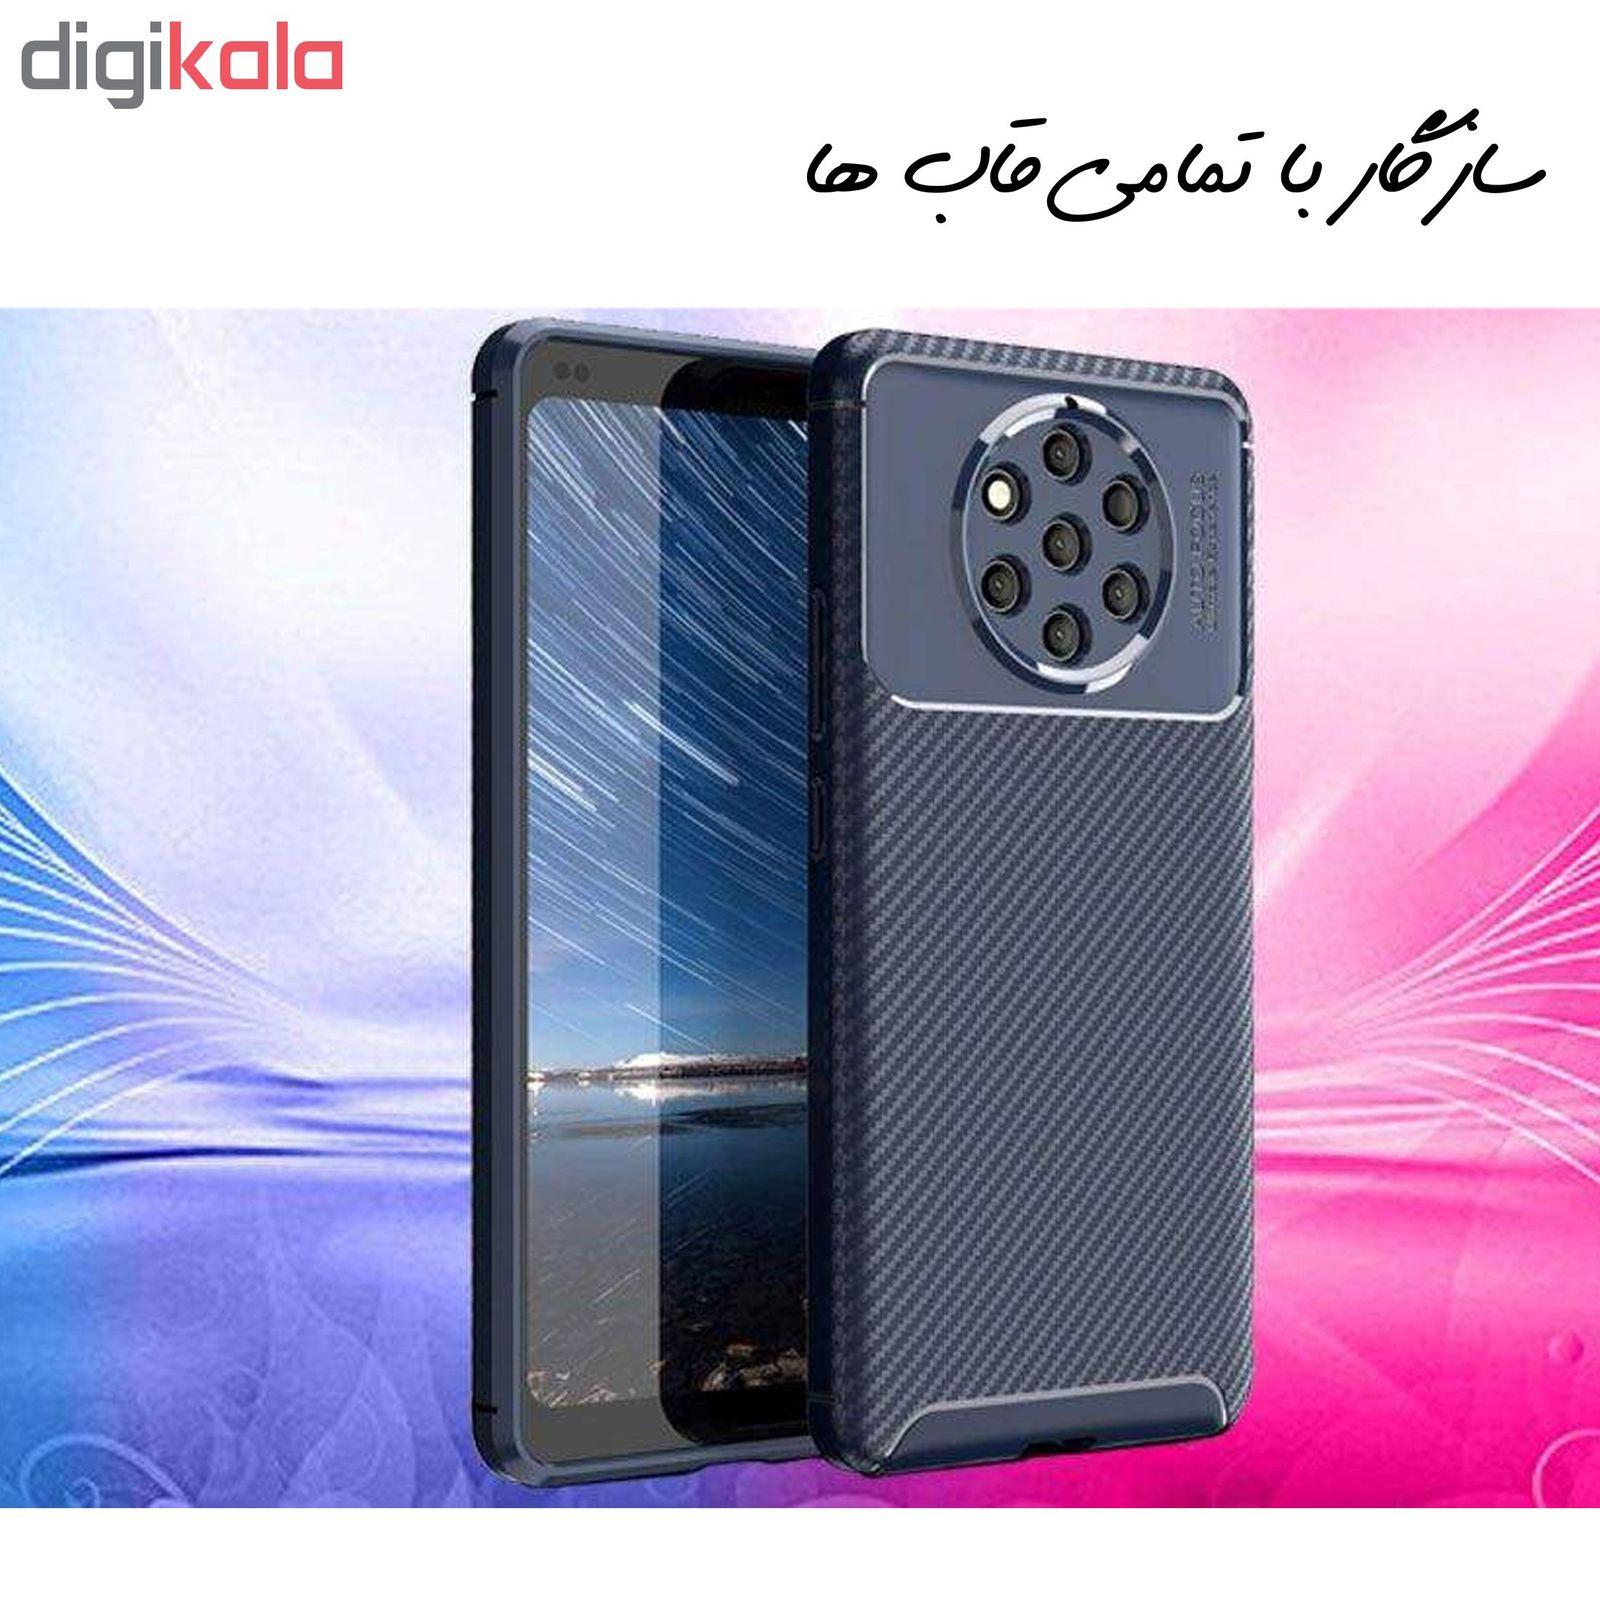 محافظ صفحه نمایش hard and thick مدل F-001 مناسب برای گوشی موبایل سامسونگ Galaxy M20 بسته دو عددی main 1 6